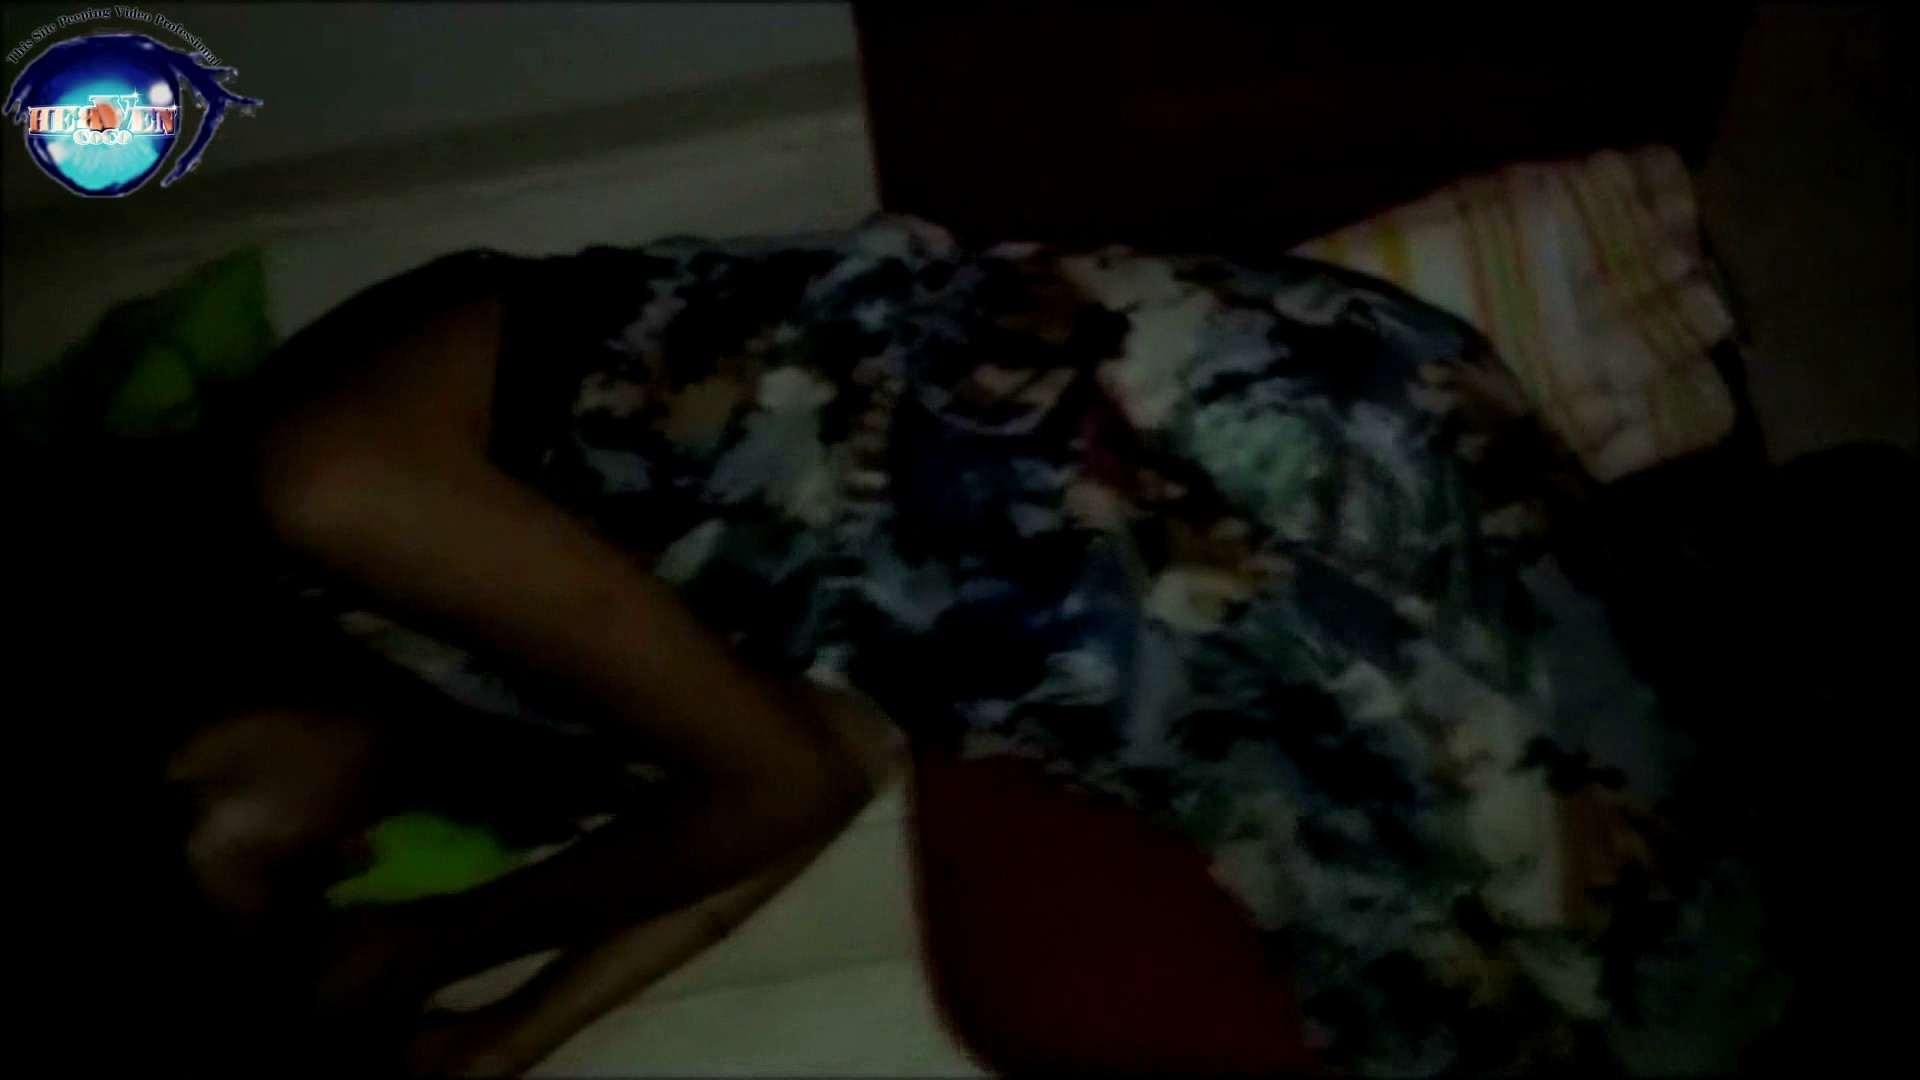 睡魔 シュウライ 第十五話 ギャルすけべ画像 | 女子大生すけべ画像  80連発 4